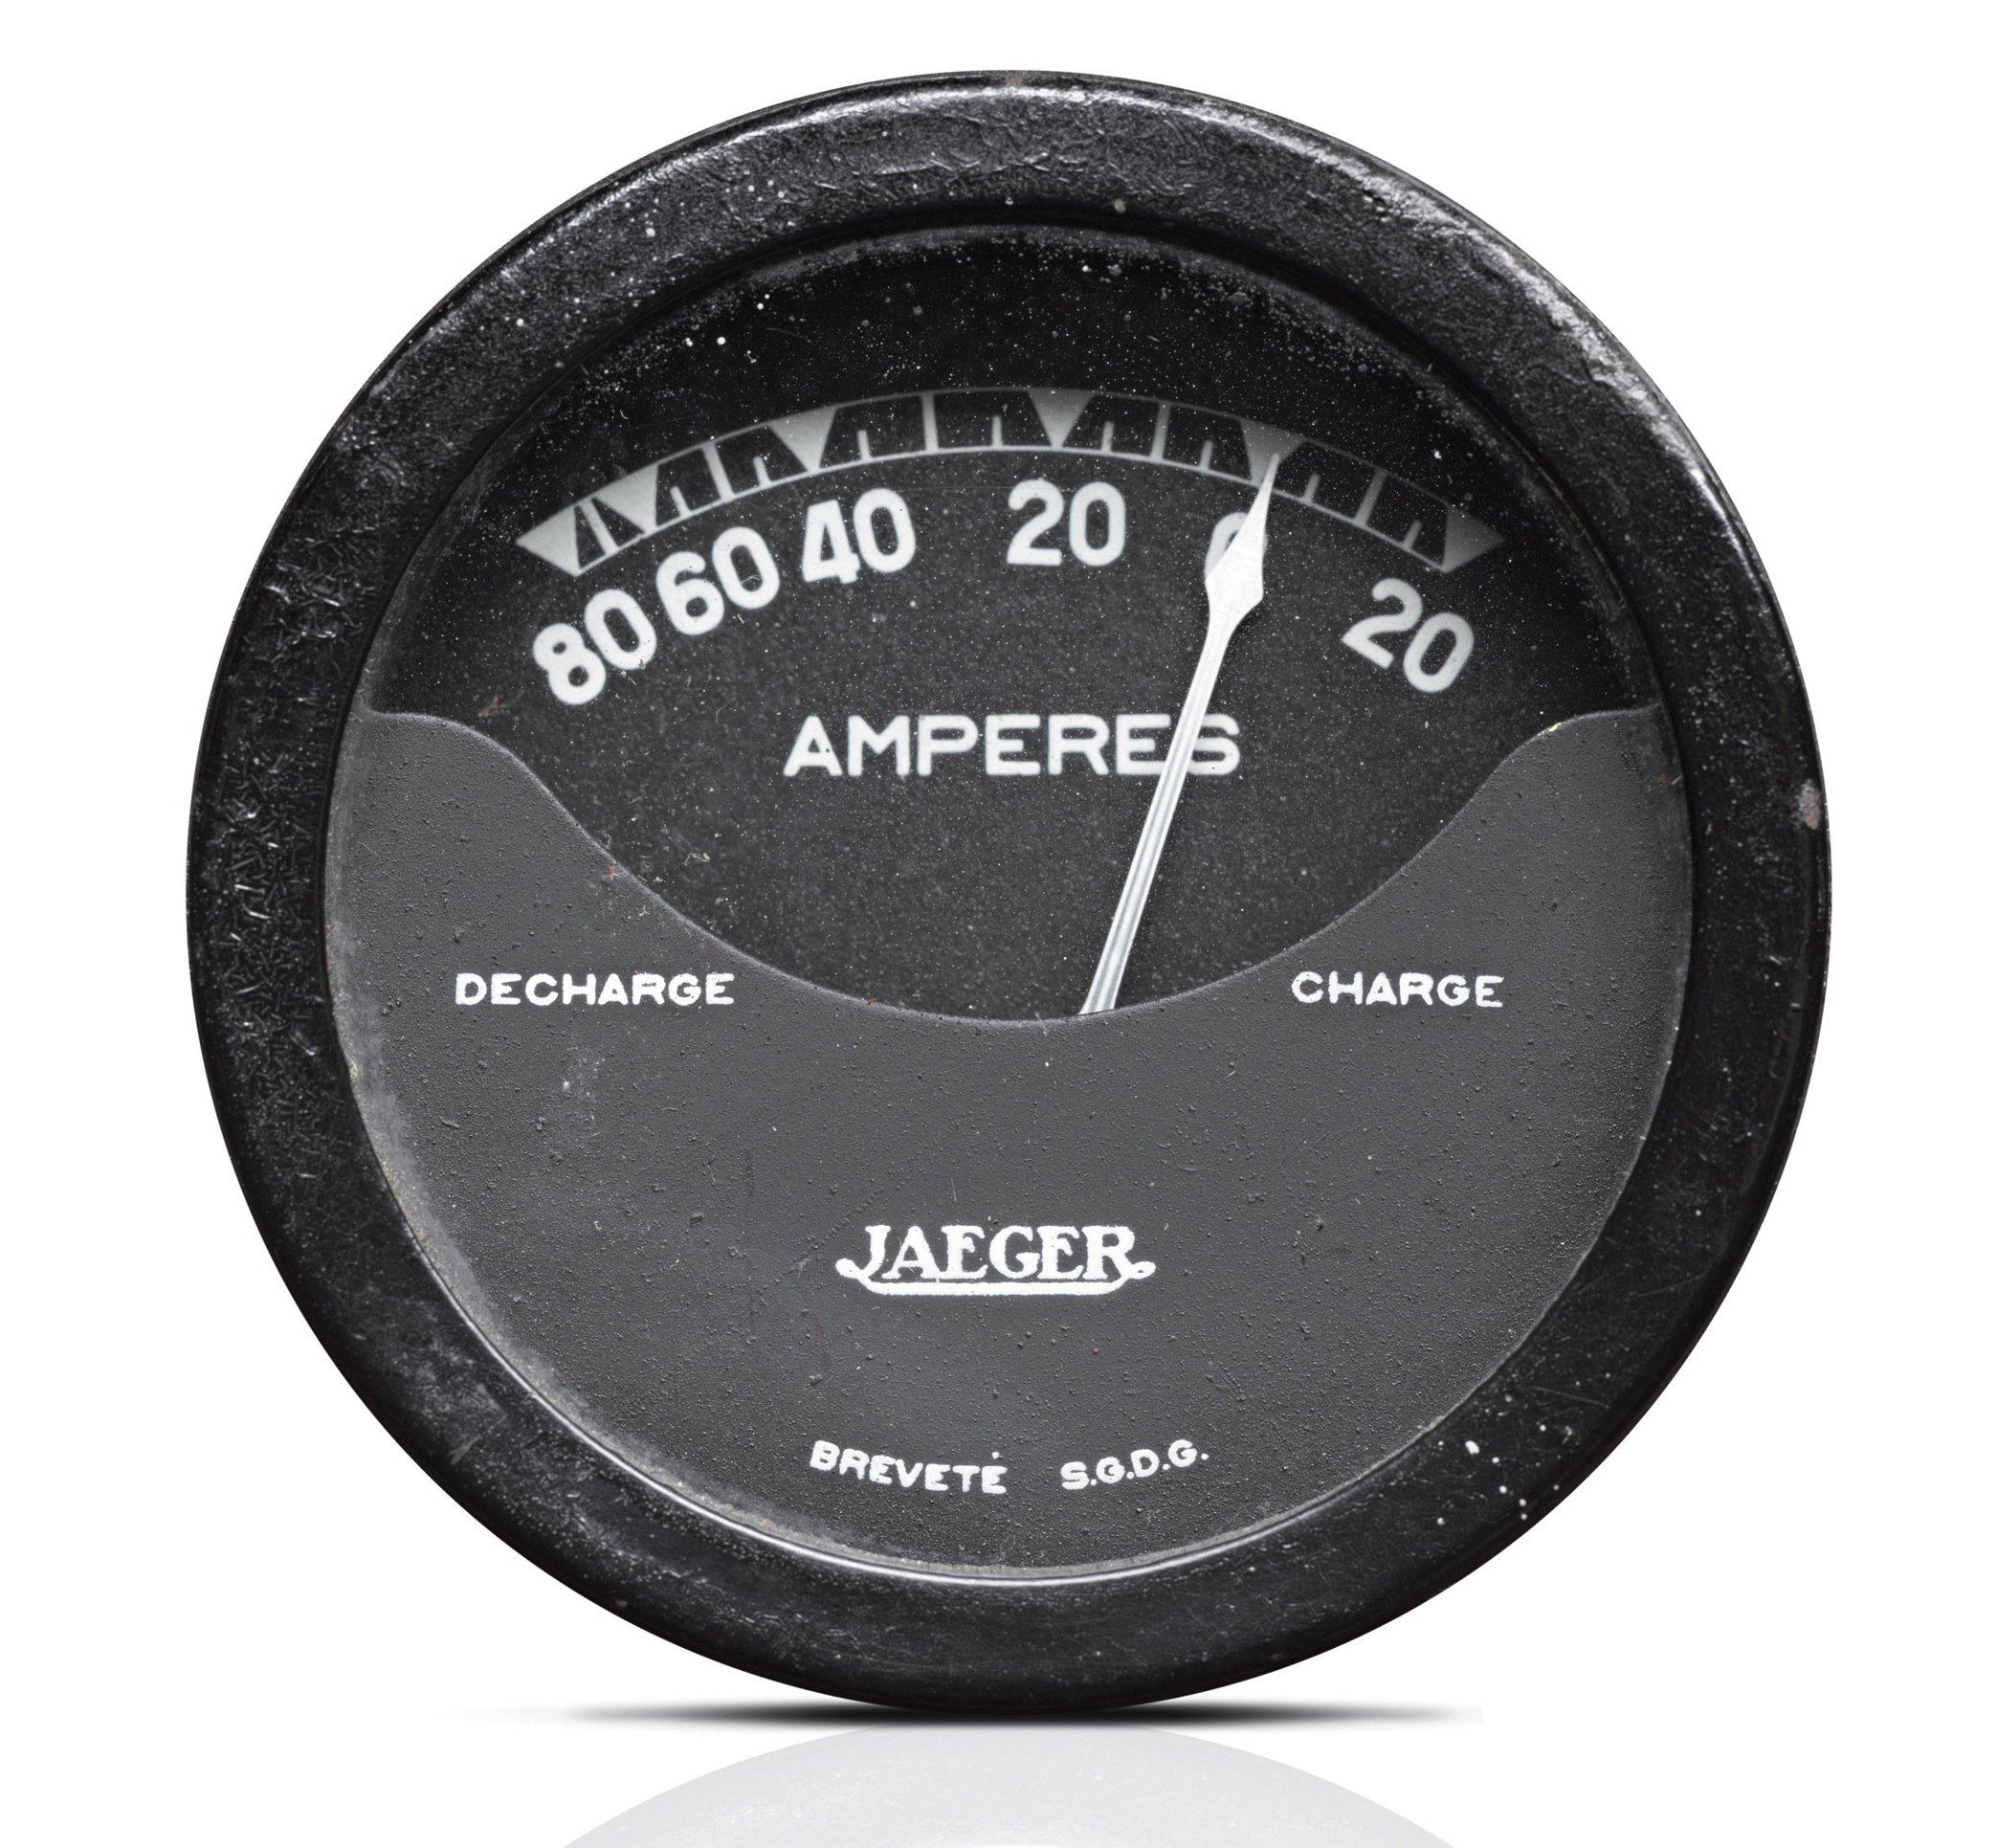 Rund 80 km weit kam der Peugeot VLV mit einer Batterieladung. Die Akkus wiegten 160 kg bei einem Gesamtgewicht des Autos von nur 350 kg.